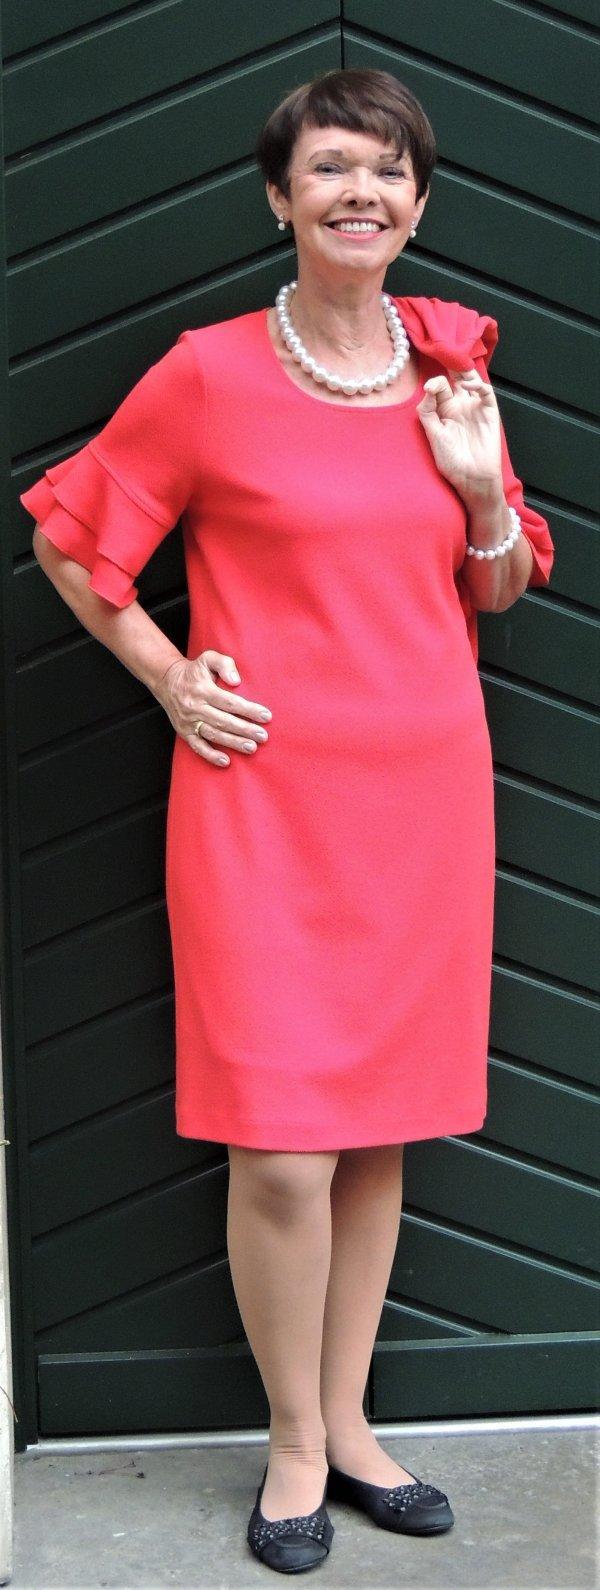 Kleid in rot. Halblange Ärmel, weit mit Volants. Marke Batida